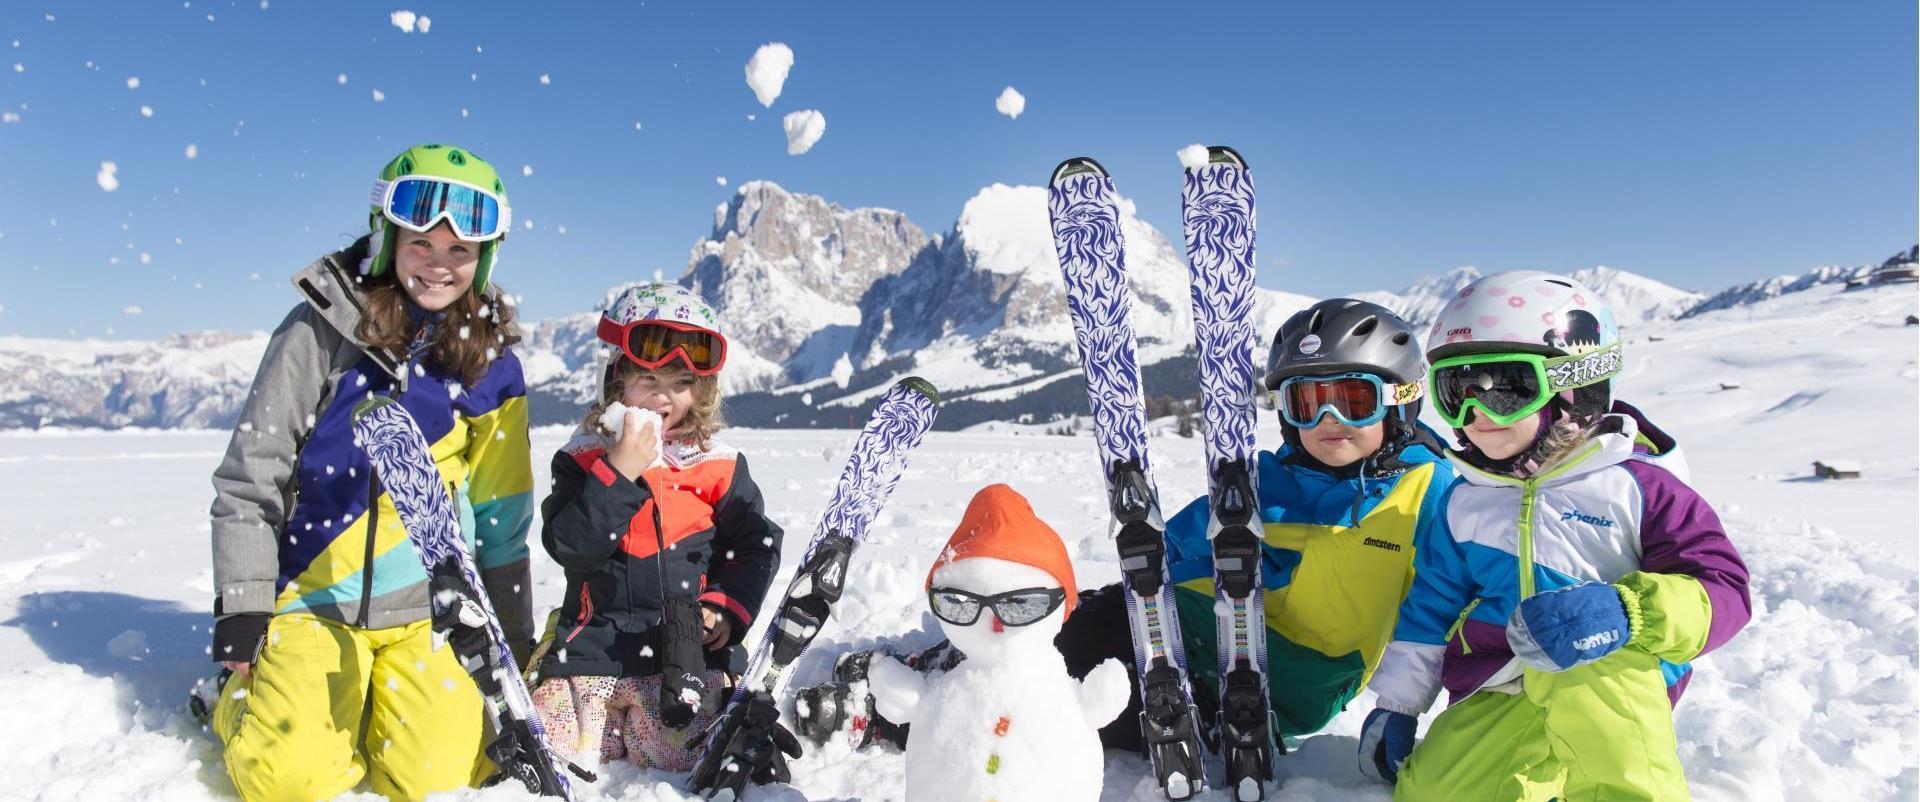 Vacanze bambini alpe di siusi ferie in famiglia trentino for Vacanze in famiglia